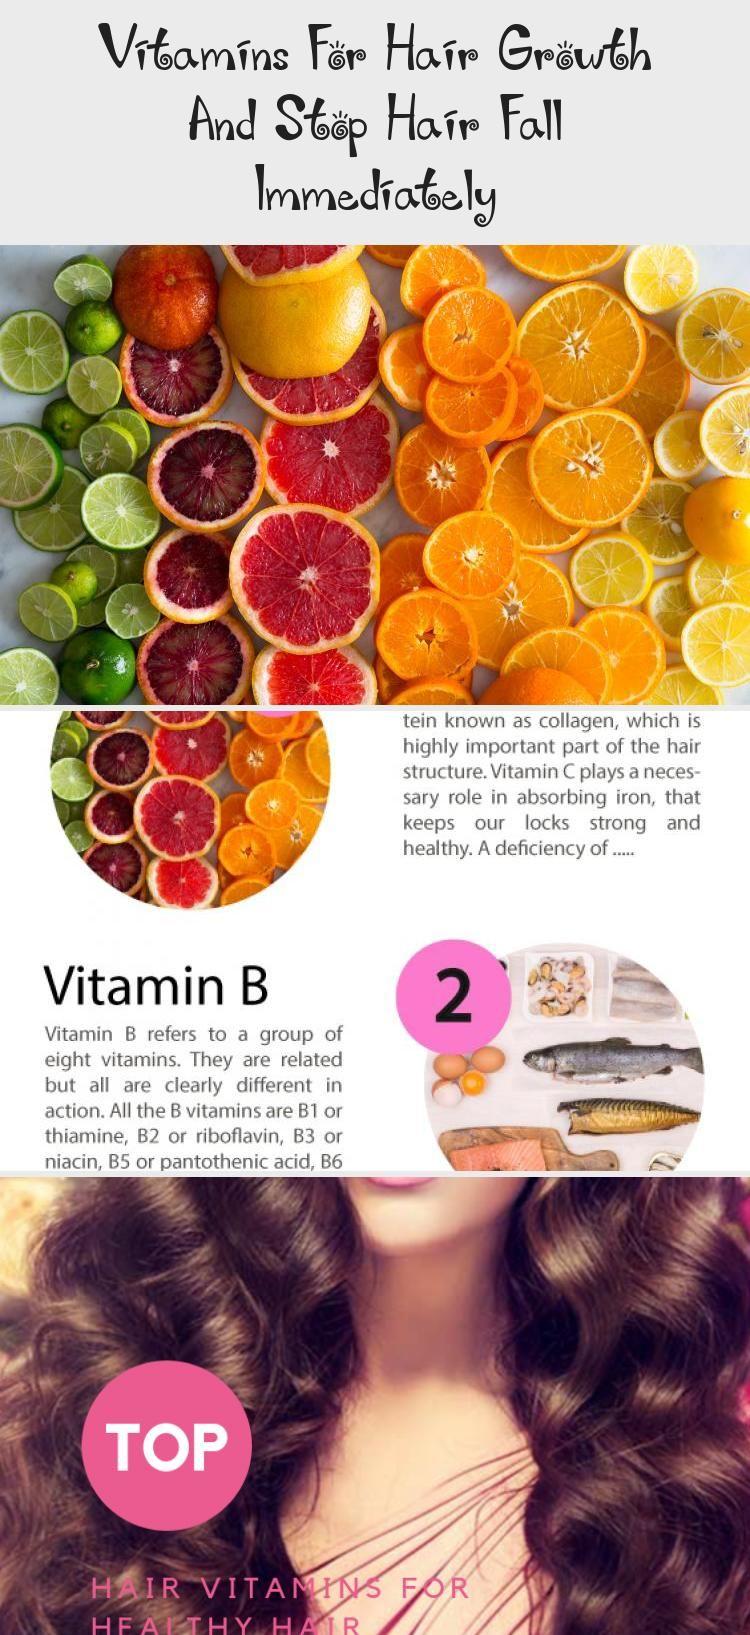 Vitaminsforhairgrowthandstophairfallimmediately